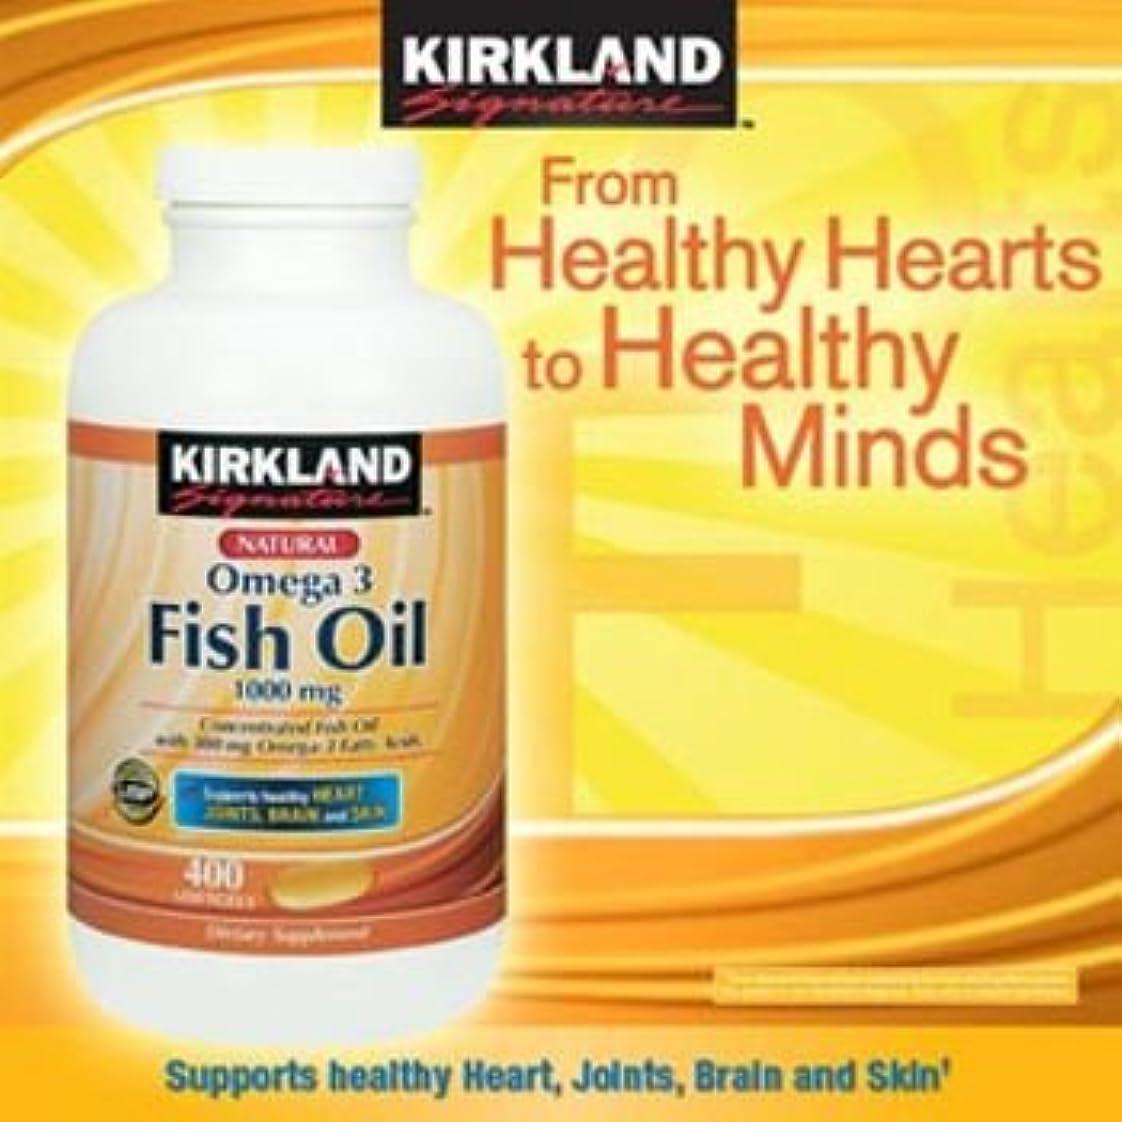 傘いくつかの出身地KIRKLAND社 フィッシュオイル (DHA+EPA) オメガ3 1000mg 400ソフトカプセル 3本 [並行輸入品] [海外直送品] 3 Bottles of KIRKLAND's Fish Oil (DHA +...